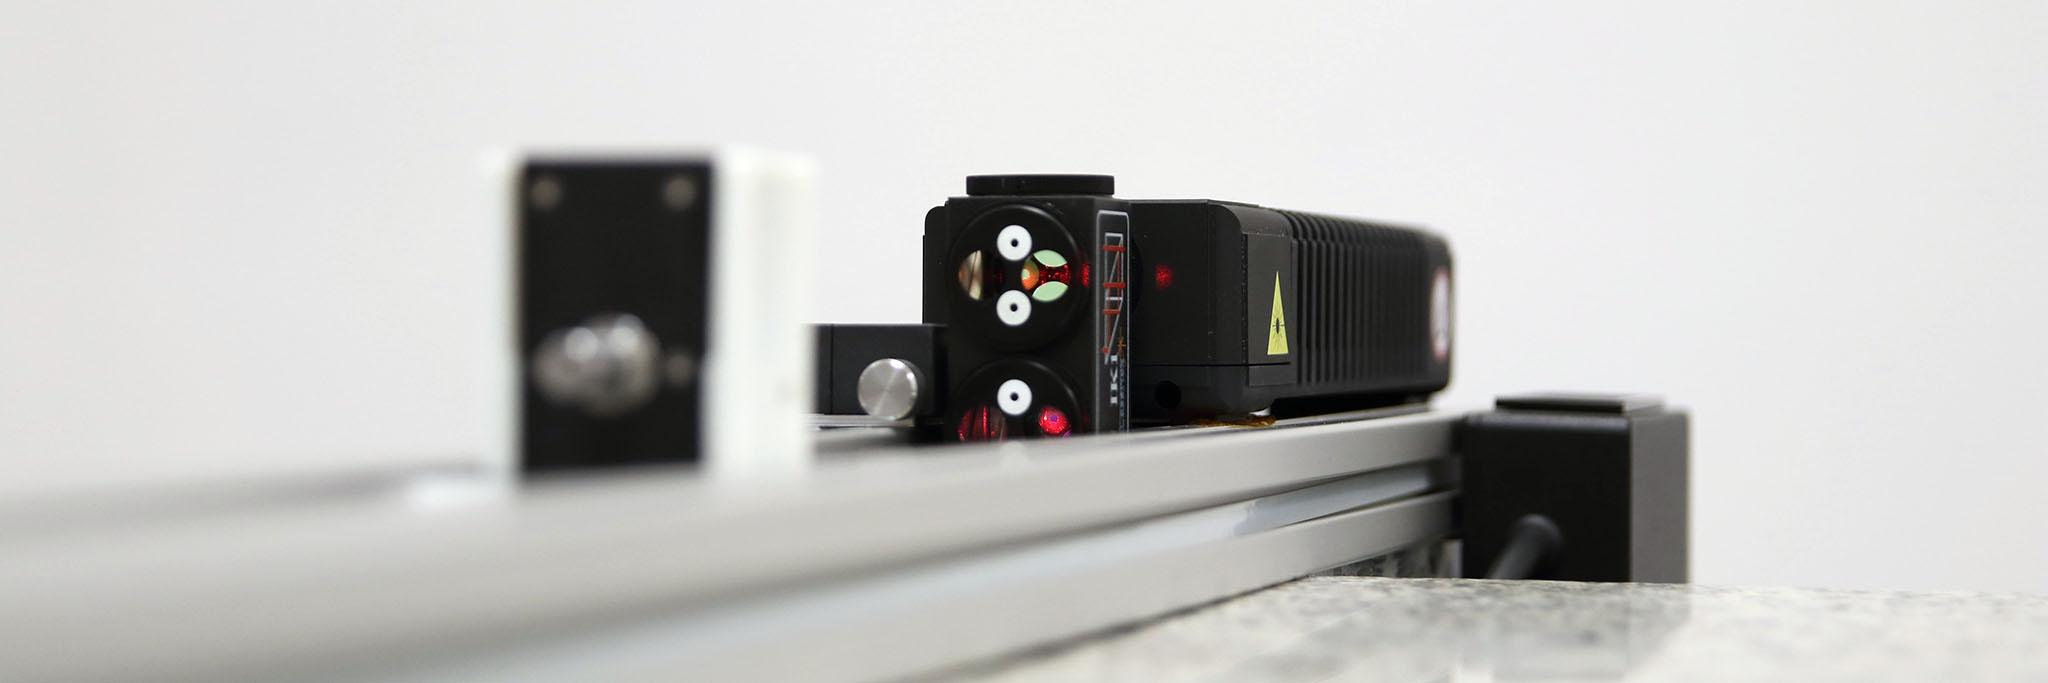 HPI-3D with angular optics